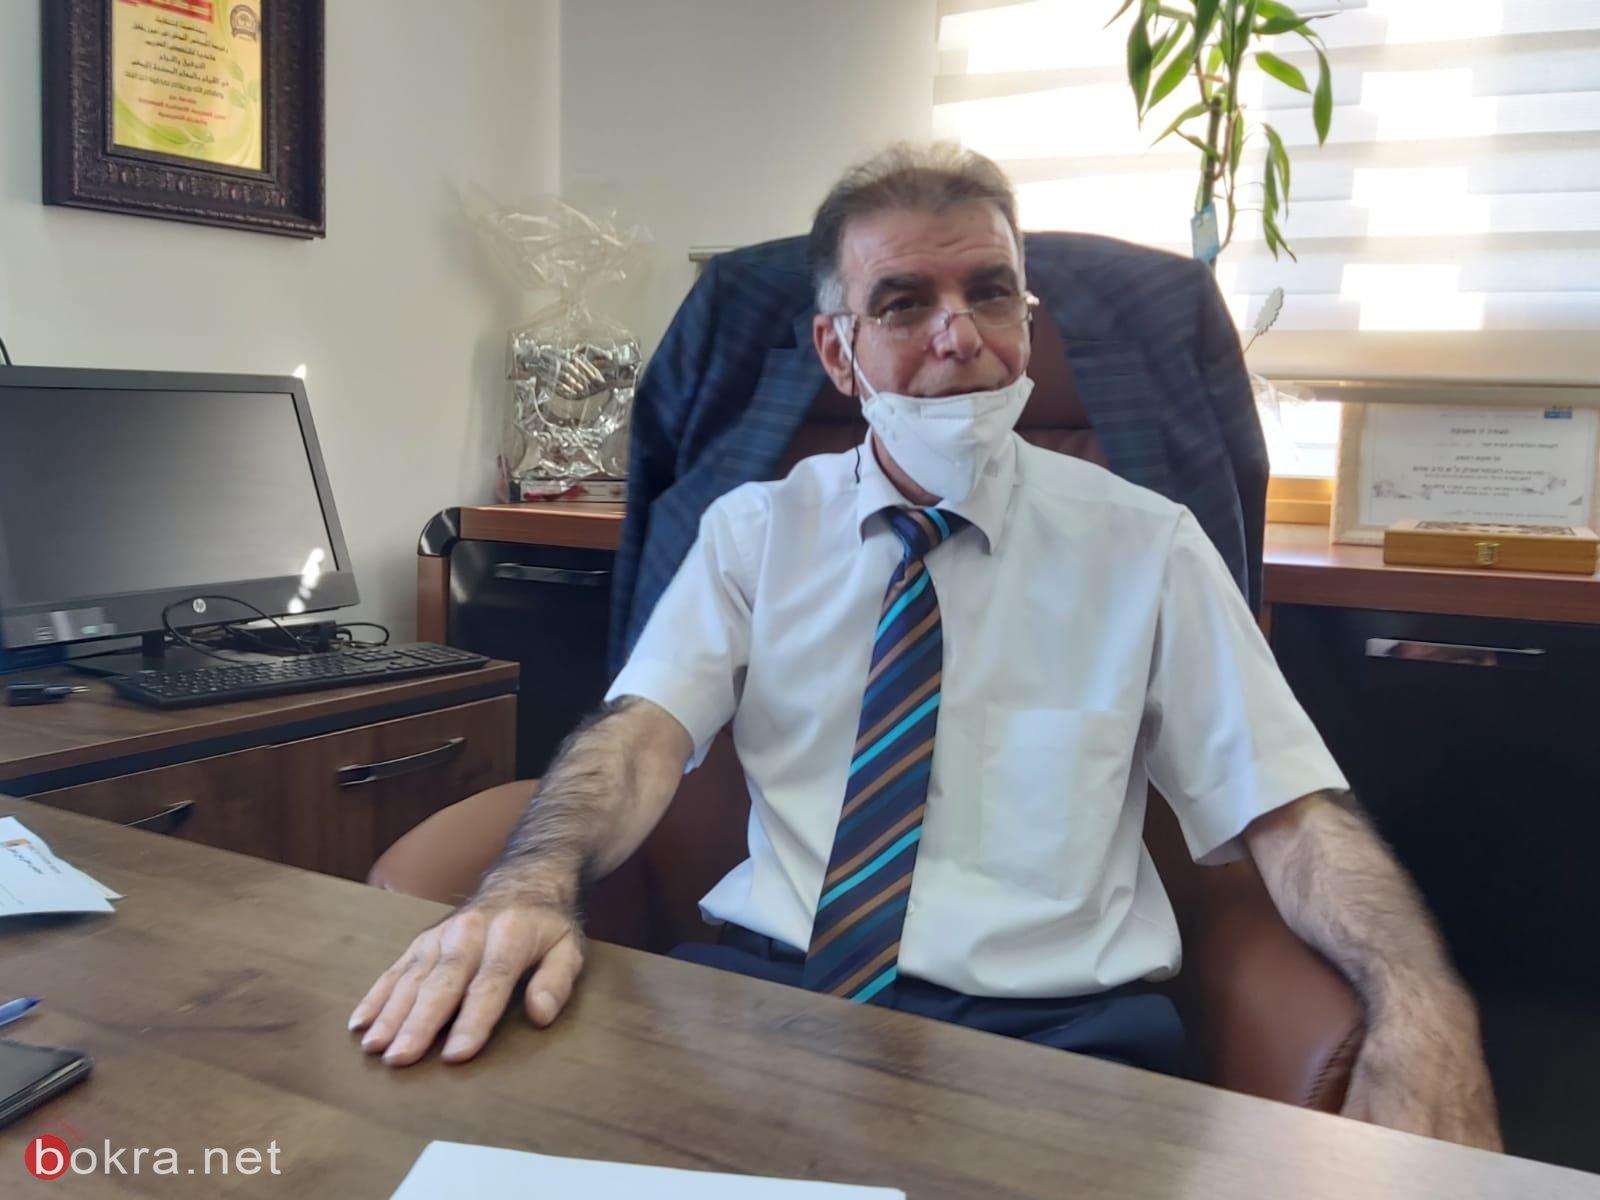 مجلس عين ماهل المحلي يقرر اغلاق تام ثلاثة ايام على ضوء ارتفاع اصابات الكورونا